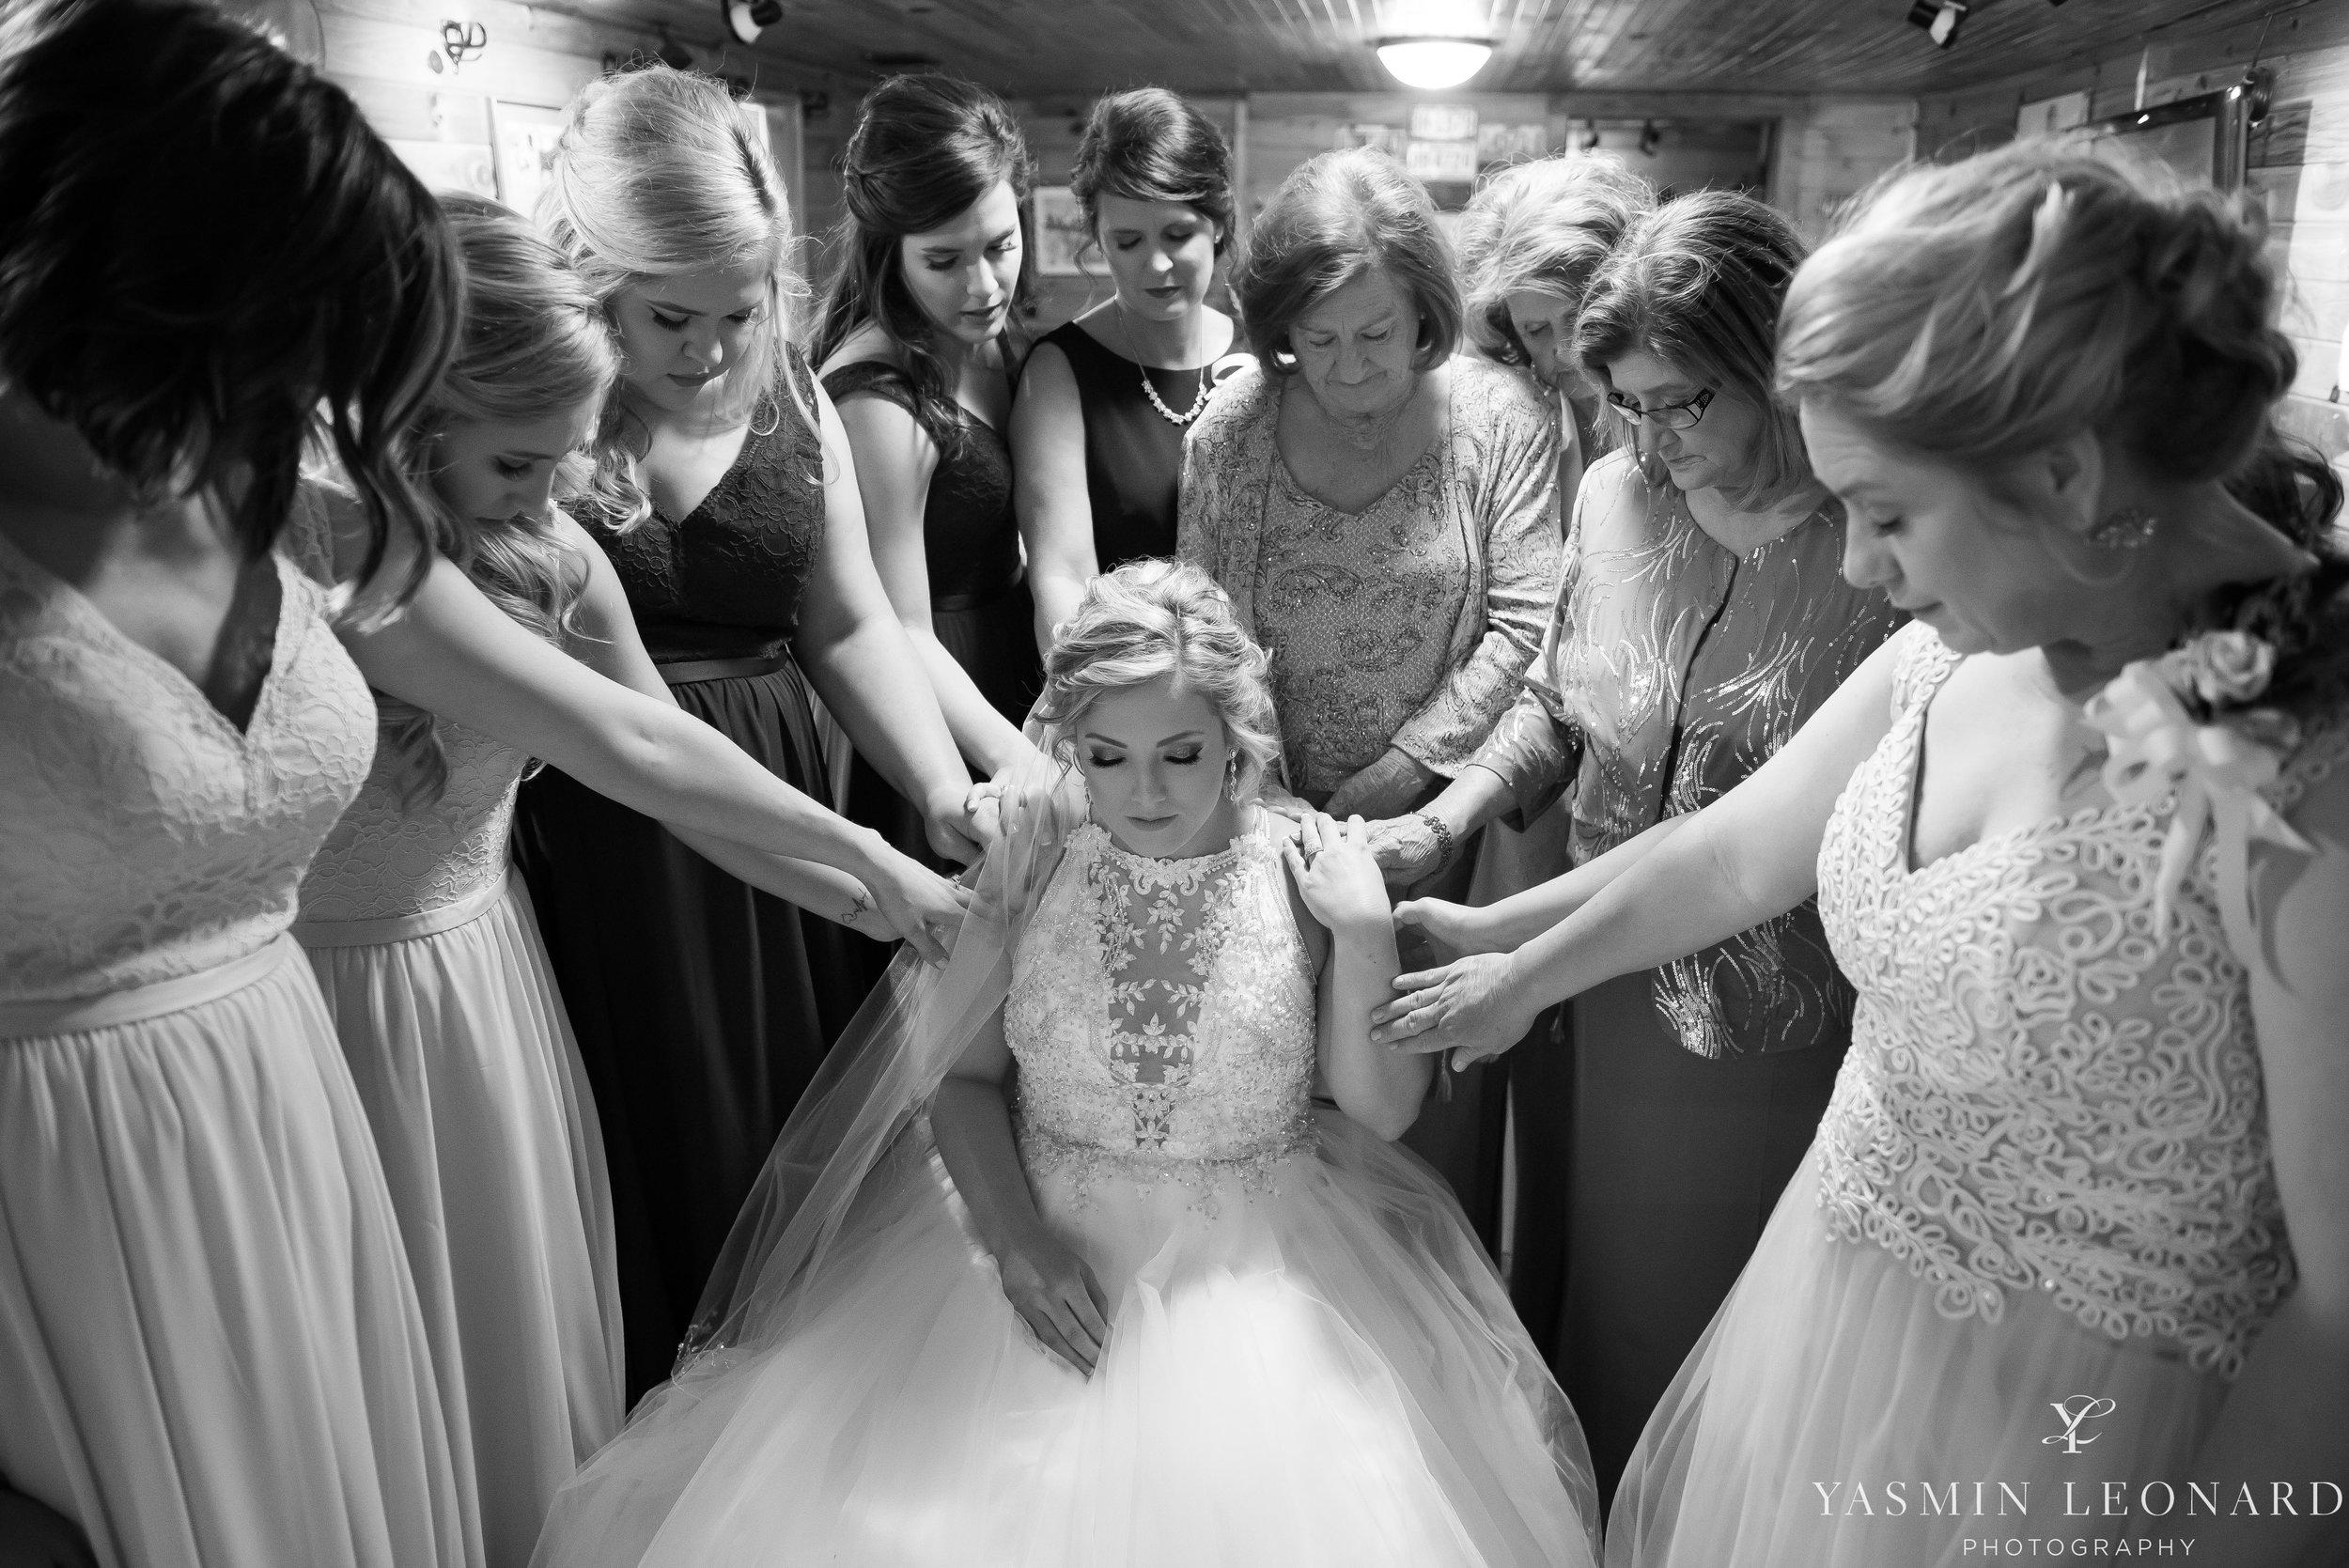 Millikan Farms - Millikan Farms Wedding - Sophia NC Wedding - NC Wedding - NC Wedding Photographer - Yasmin Leonard Photography - High Point Photographer - Barn Wedding - Wedding Venues in NC - Triad Wedding Photographer-17.jpg